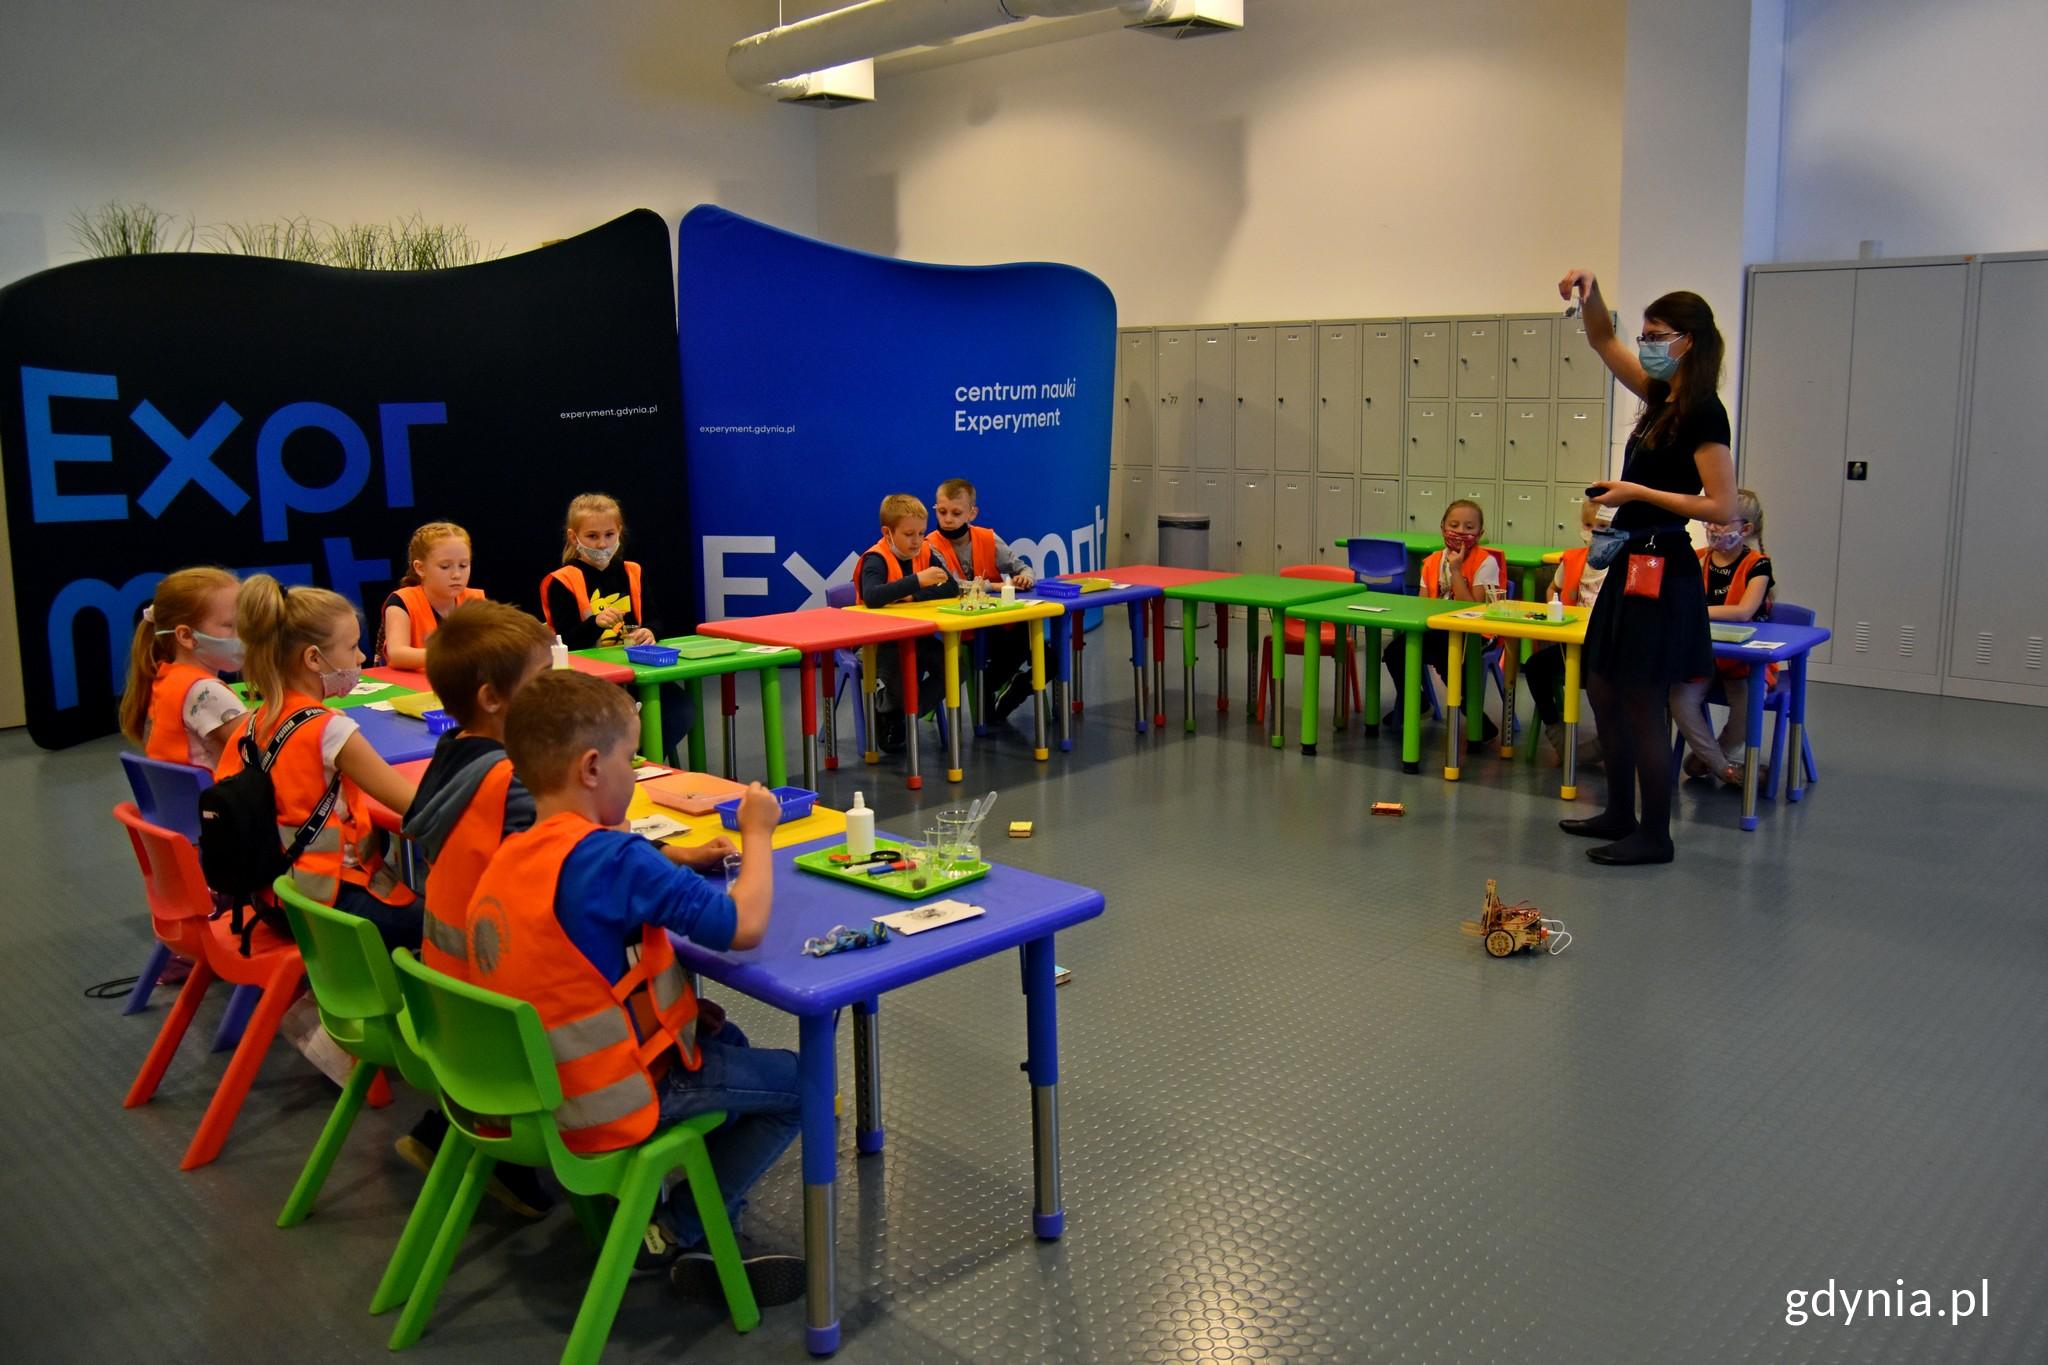 Zajęcia edukacyjne w Centrum Nauki Experyment // fot. Magdalena Czernek